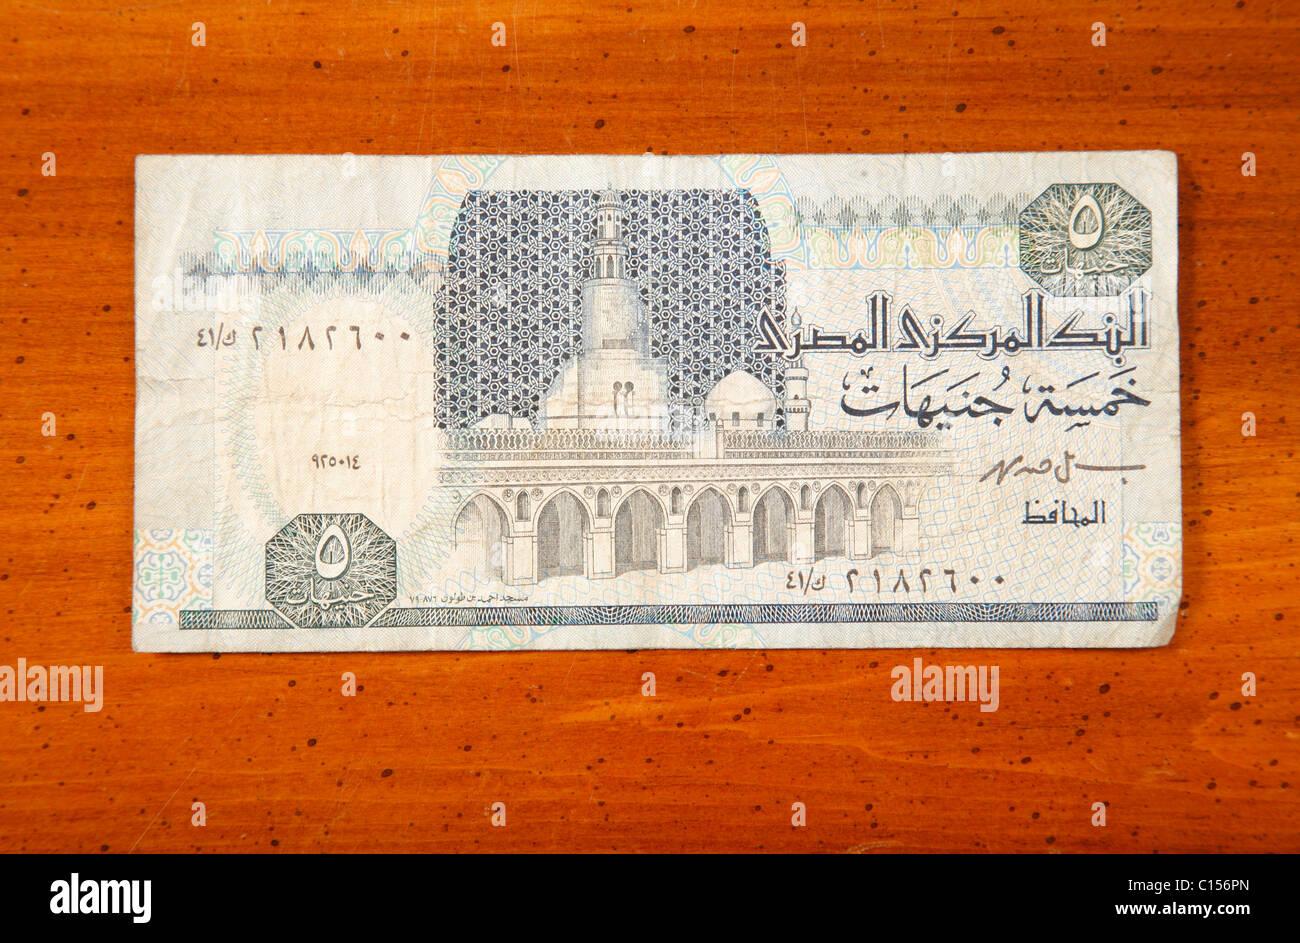 5 Monnaie Livre Egyptienne Note Sur Table Avec Ecriture